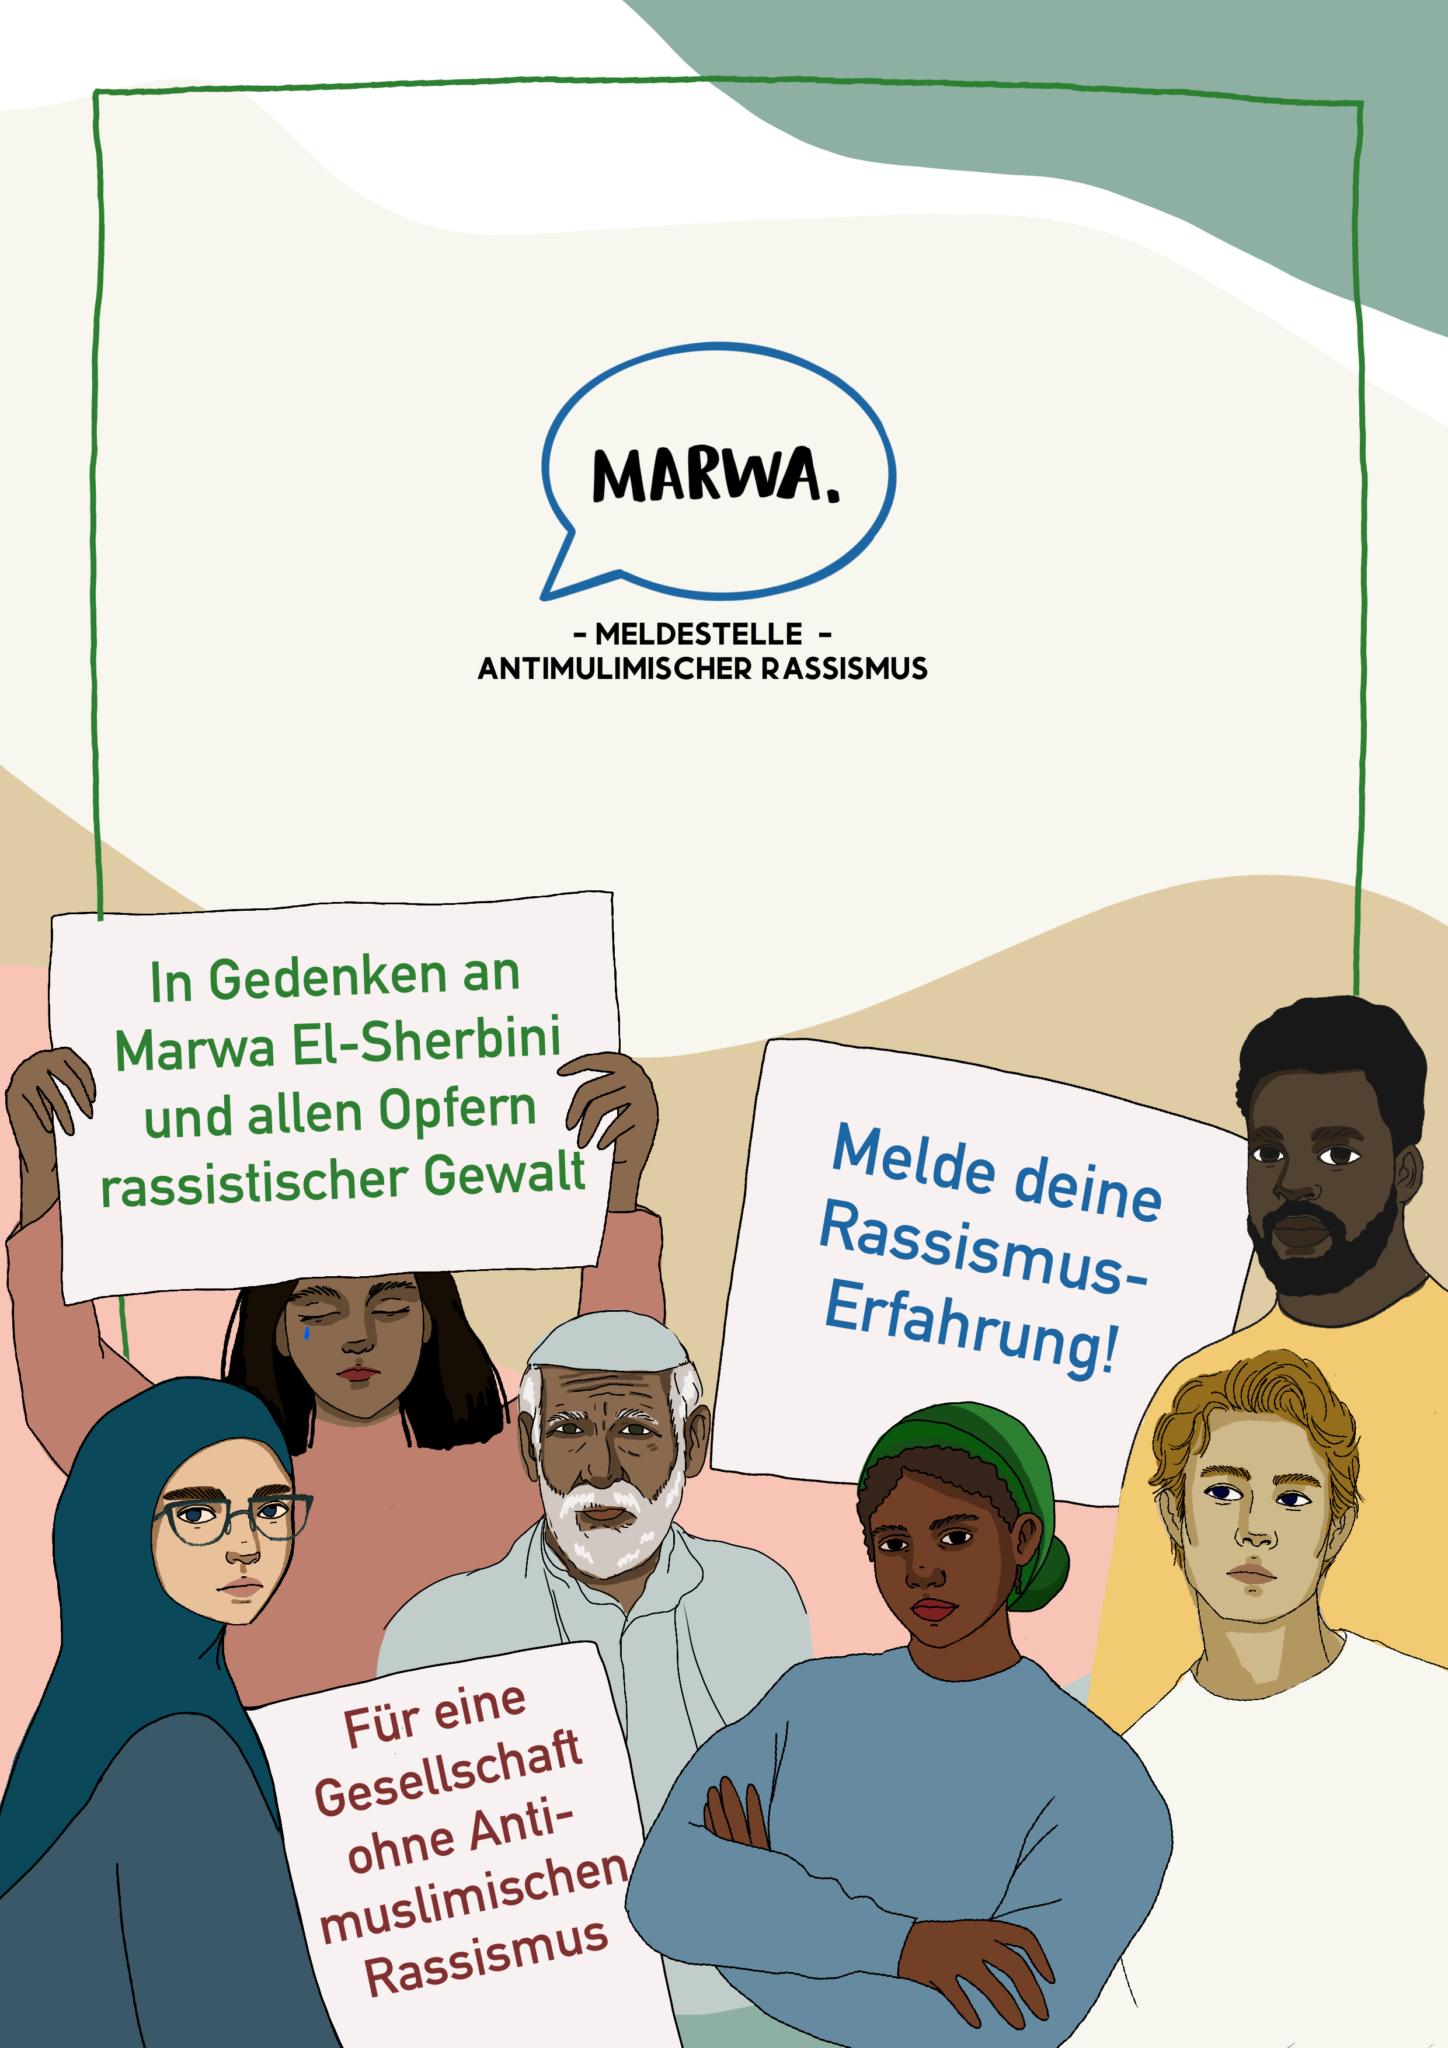 MARWA Meldestelle gegen Antimuslimischen Rassismus